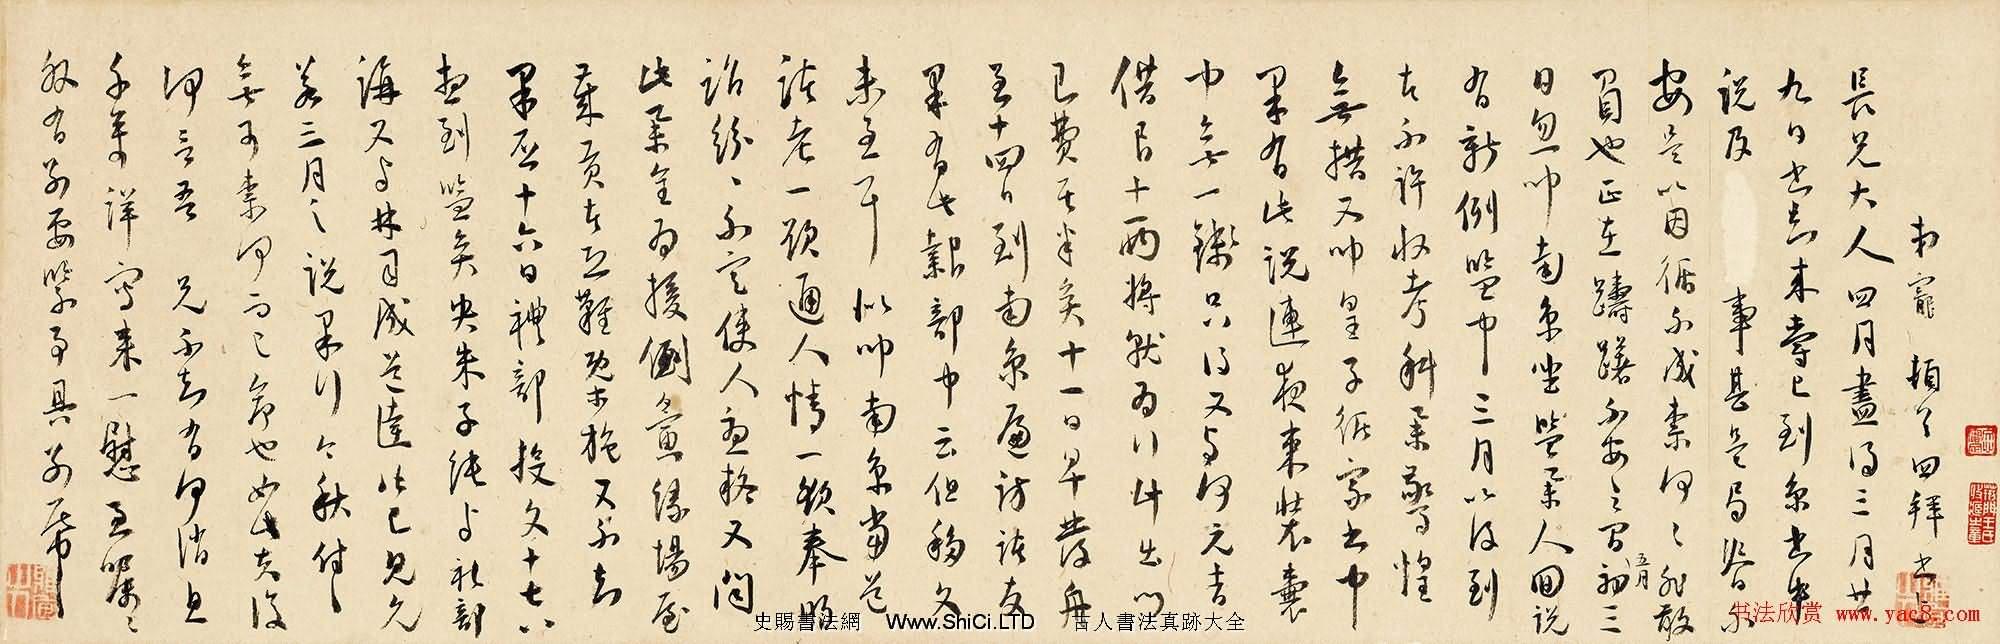 王寵行草書法賞析字帖《致王守五札》(共44張圖片)